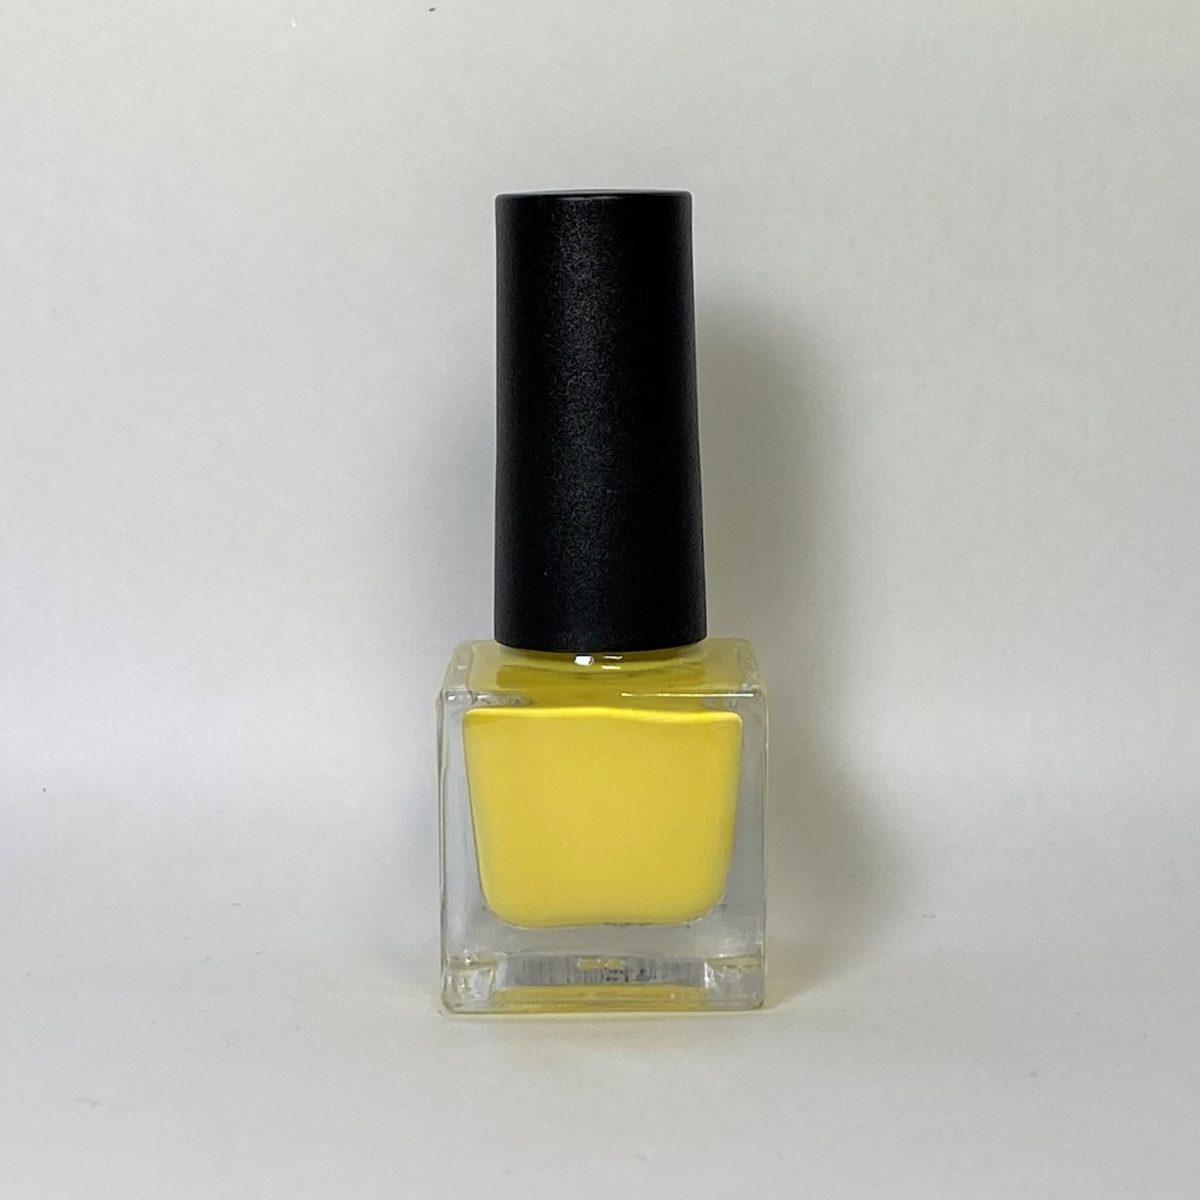 ネイルポリッシュ S14 Light Yellow